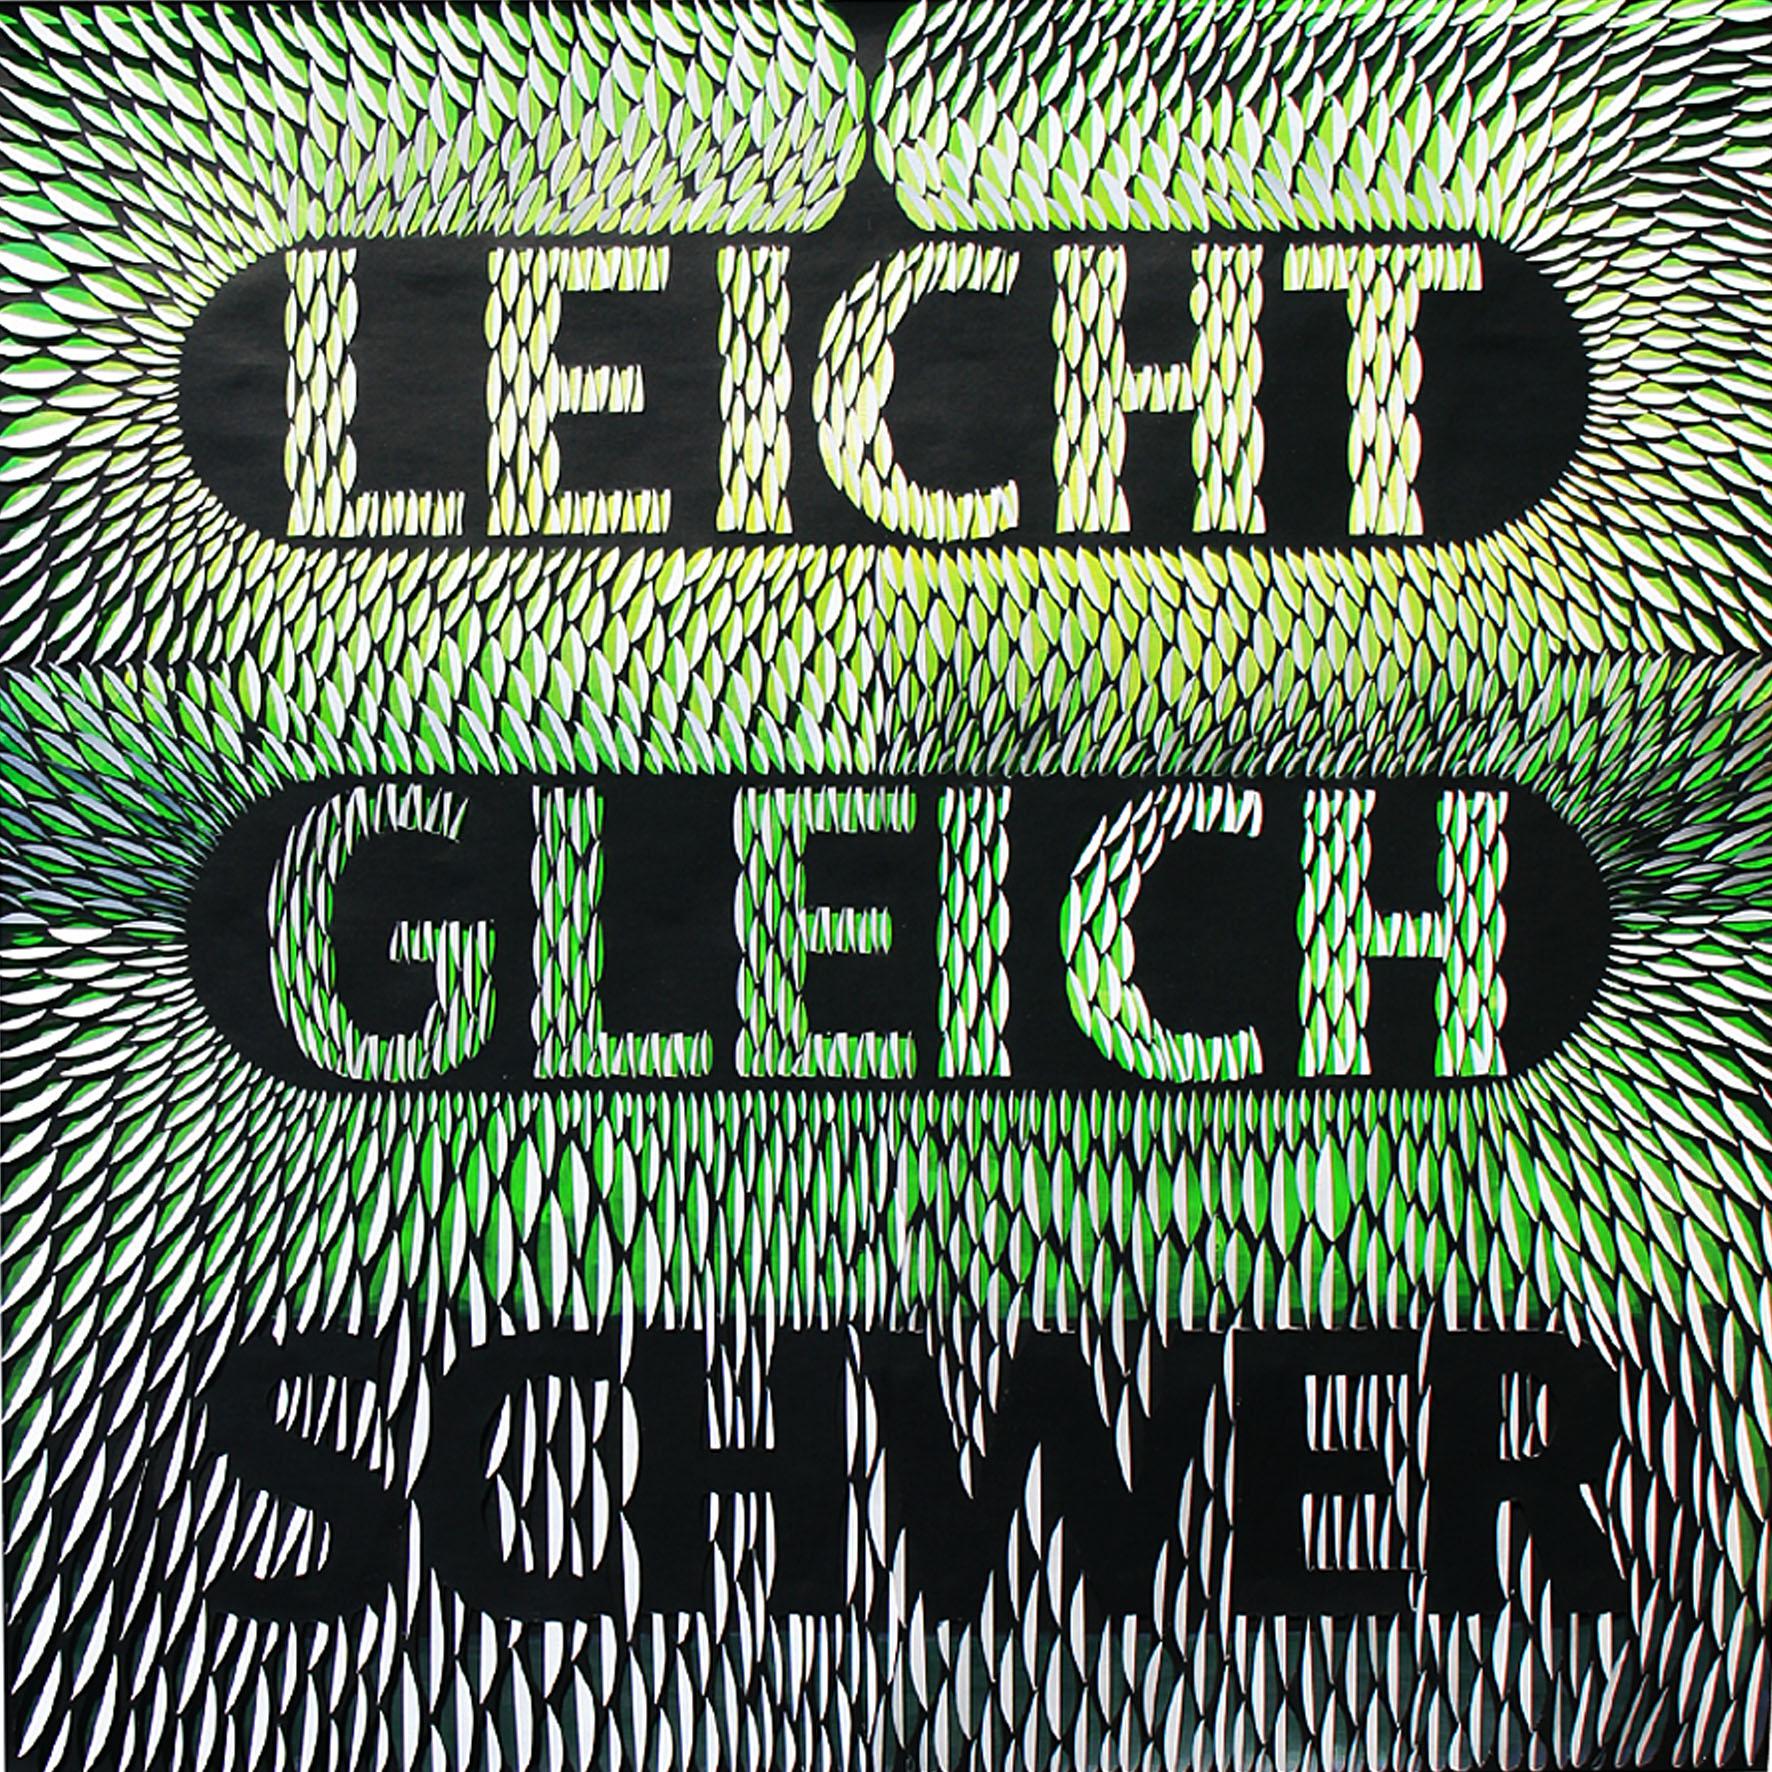 GLEICH LEICHT SCHWER